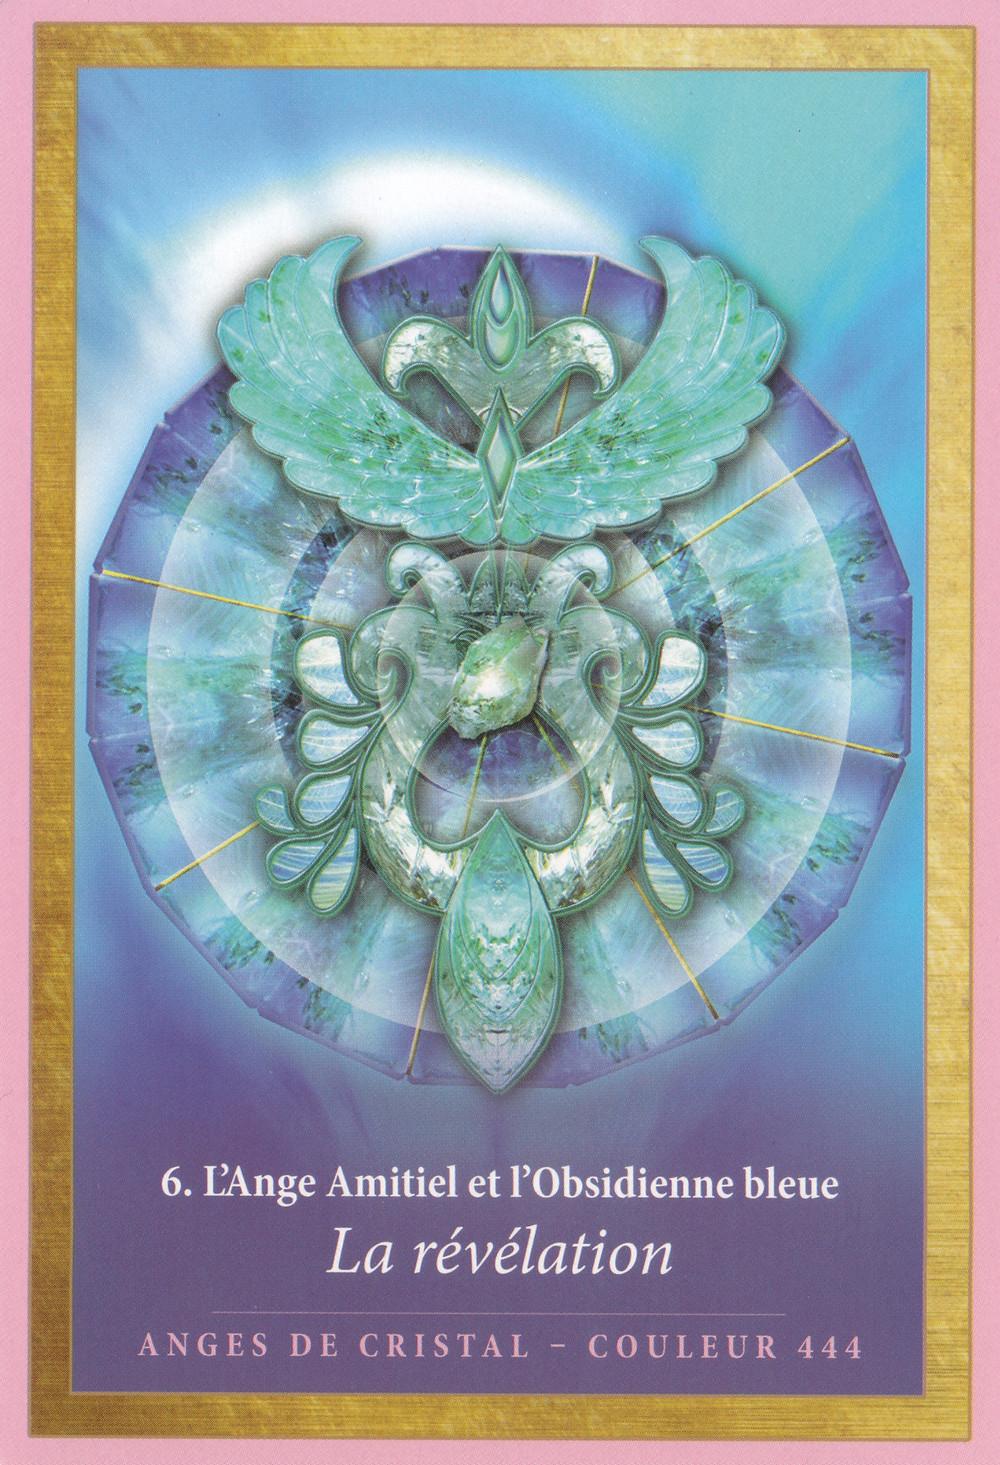 Carte de L'Energie des Anges et des Cristaux d'Alana Fairchild - Energies du 21-27 septembre 2020 (Equinoxe et Portail 27-9) : Révélations du Cœur profond, on change sa vibration !